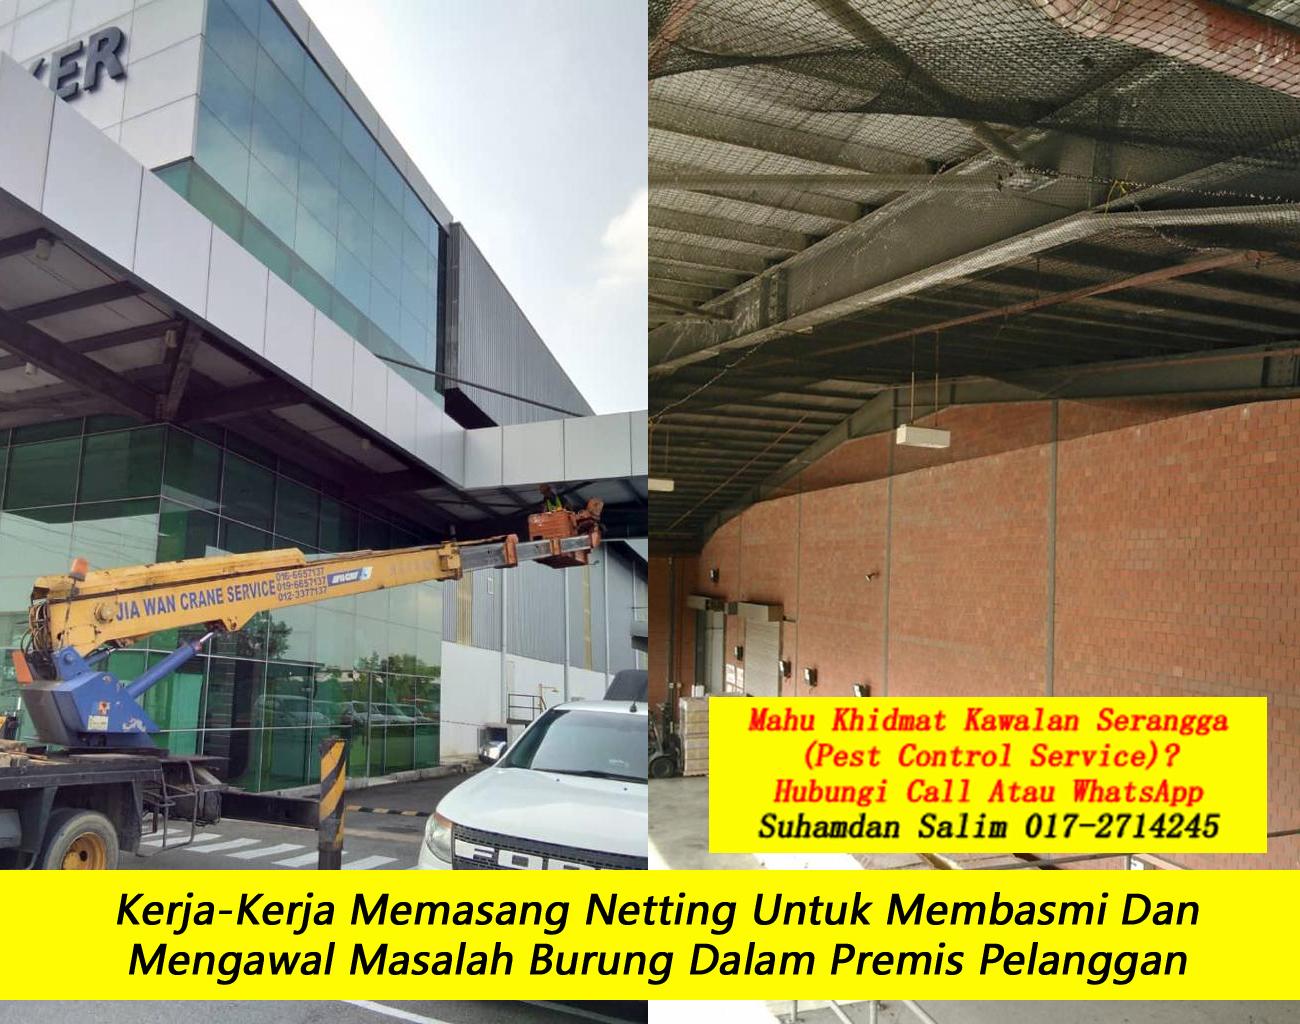 khidmat kawalan serangga burung kelawar syarikat kawalan serangga company pest control Bukit Kiara kl taman perumahan kawasan perindustrian near me felda